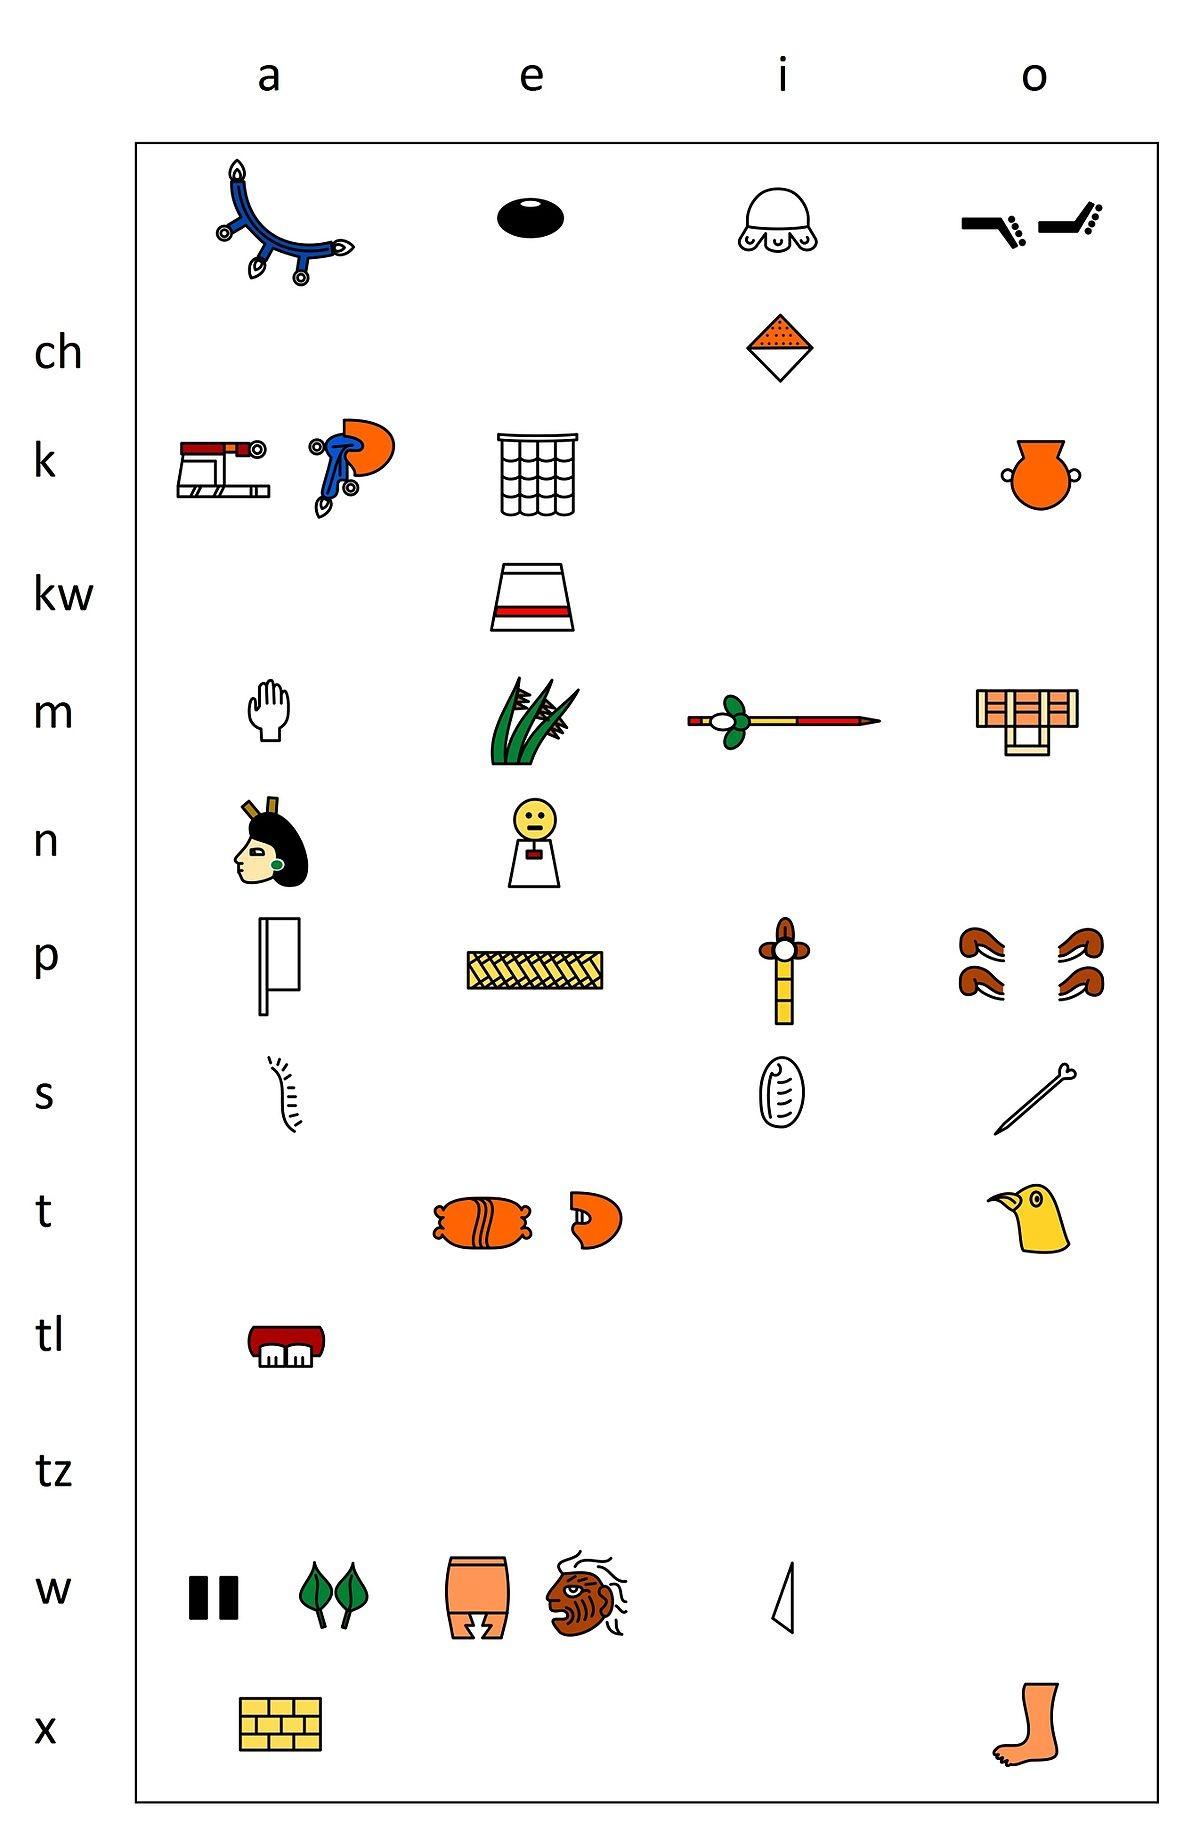 Calendario Imprimir Mayo Más Recientes Escritura Mexica La Enciclopedia Libre Of Calendario Imprimir Mayo Más Reciente Molde Para Quadro De Unic³rnio L£ Tran§ada Parte 1